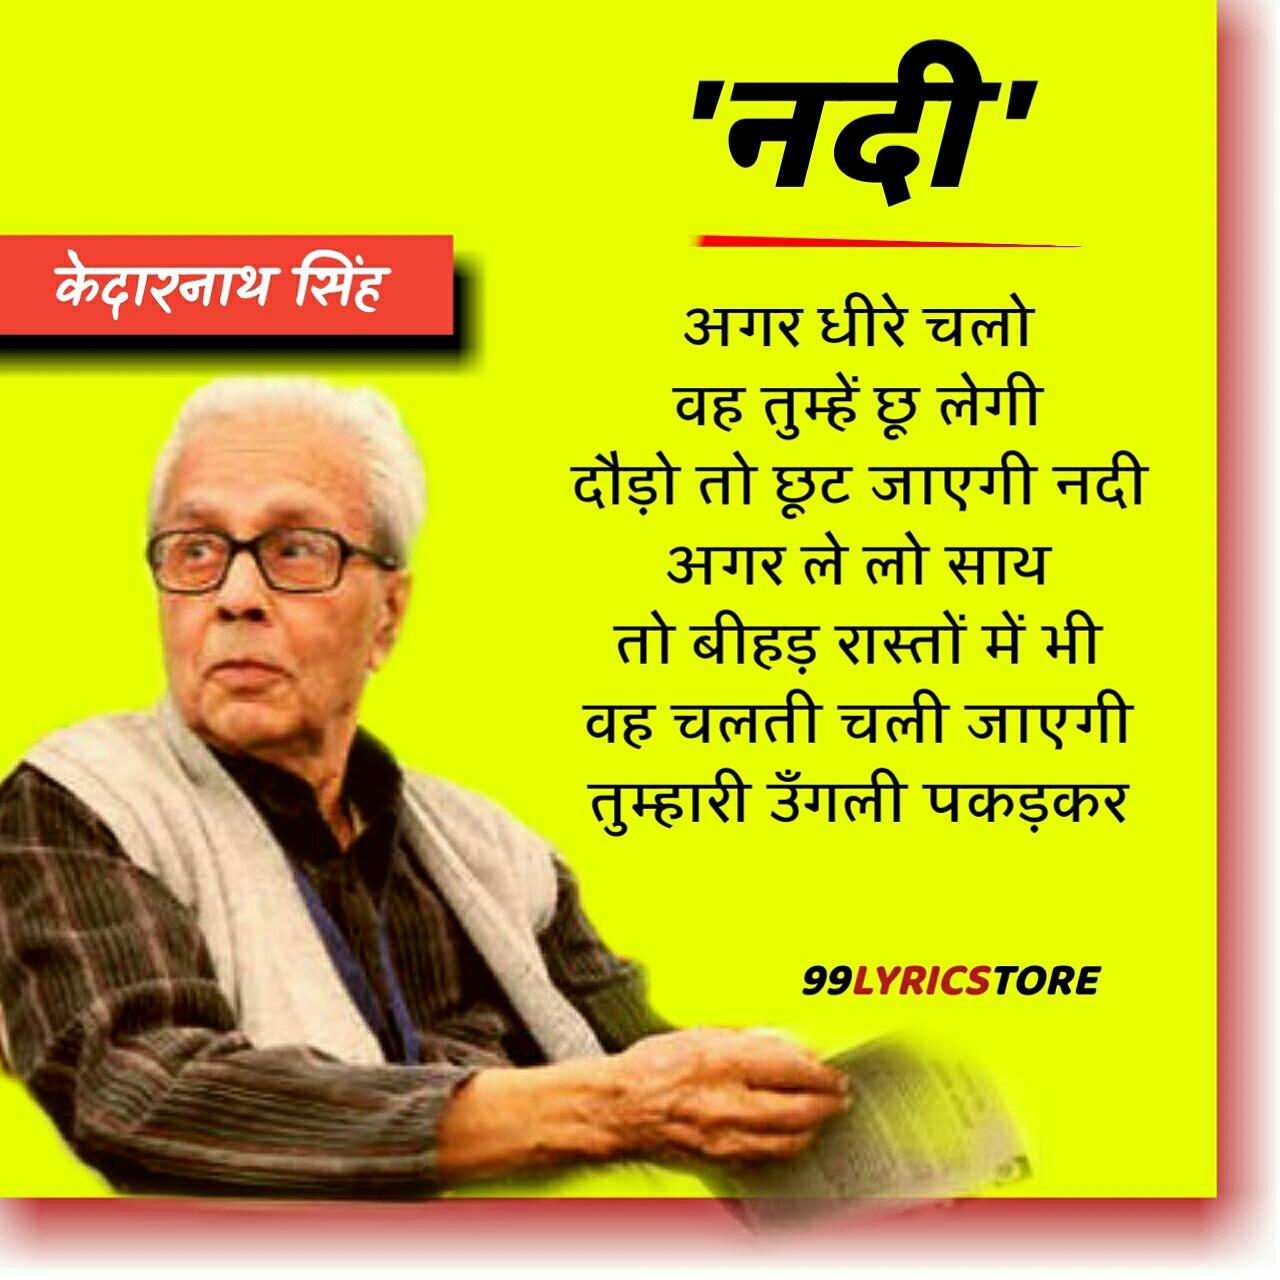 केदारनाथ सिंह की कविता 'नदी' इनके प्रसिद्ध कविता-संग्रह 'अकाल में सारस' से ली गई है। 'नदी' वास्तव में केवल बहते हुए जल की धारा  मात्र नही, वह हमारी जीवन और प्राण रक्षक भी है, संस्कृत का जीवंत रूप है, नदी हमारी सभ्यता की जननी है।  यदि हम अपनी संस्कृति और सभ्यता से हमेशा दूर रहने की कोशिश करेंगे तो एक दिन ऐसा ना हो की हम हमेशा के लिए इनसे अलग हो जाए। इस कविता के जरिए केदार जी हमे अपने संस्कृति और सभ्यता से जुड़ने की सीख देते हैं।